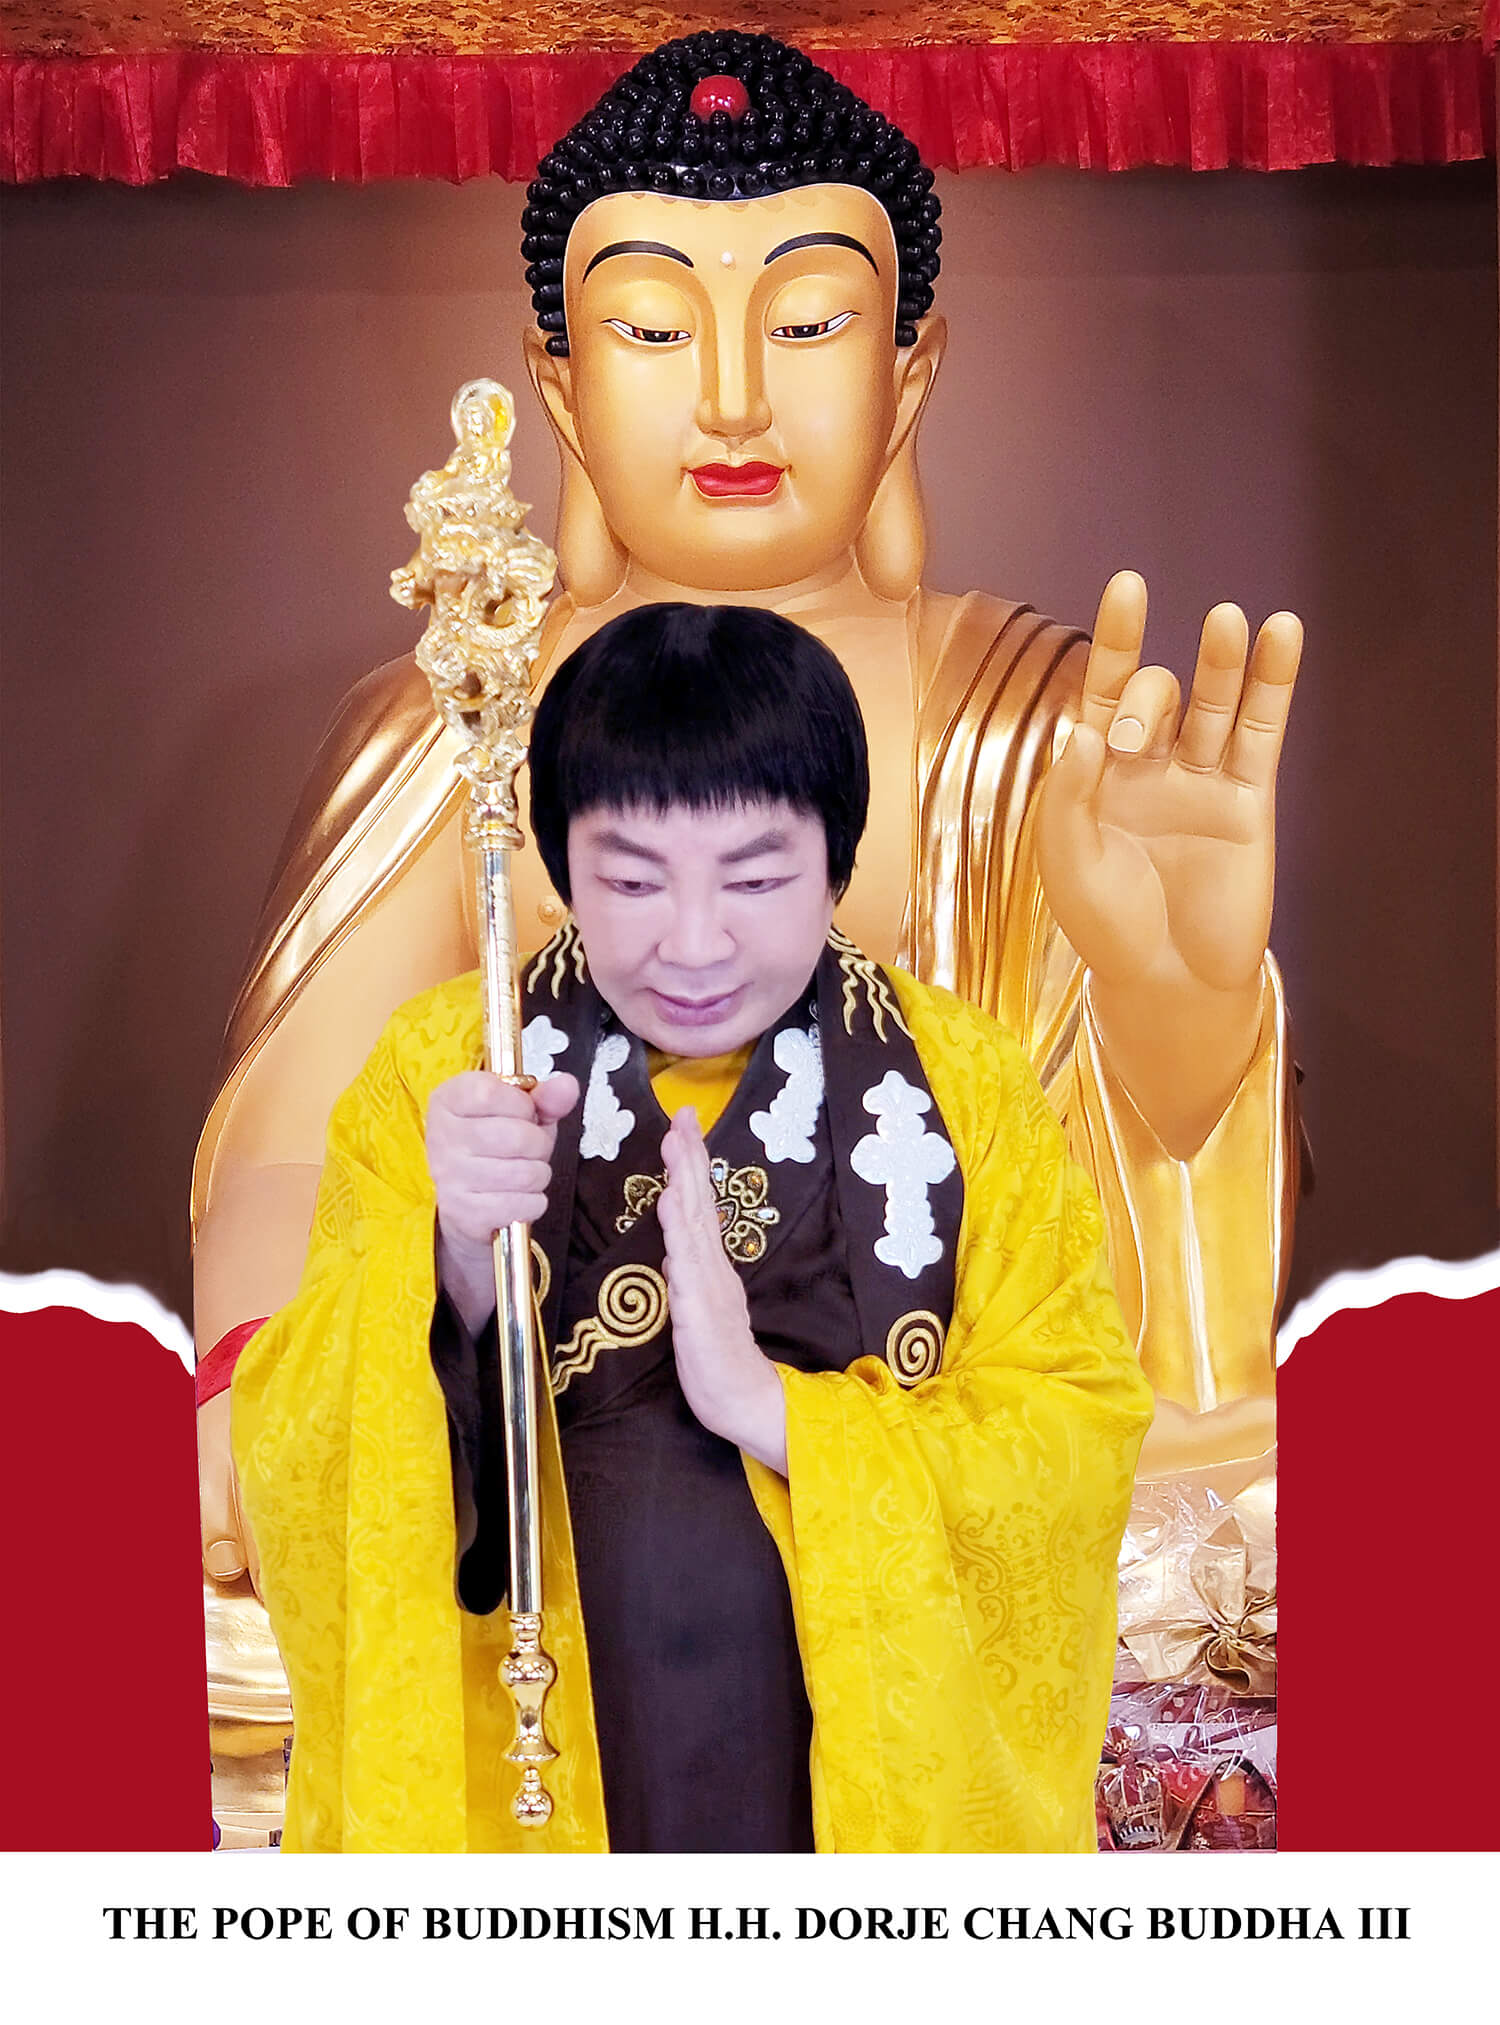 世界佛教教皇 南無第三世多杰羌佛 祂表示祂只是一個慚愧的修行者